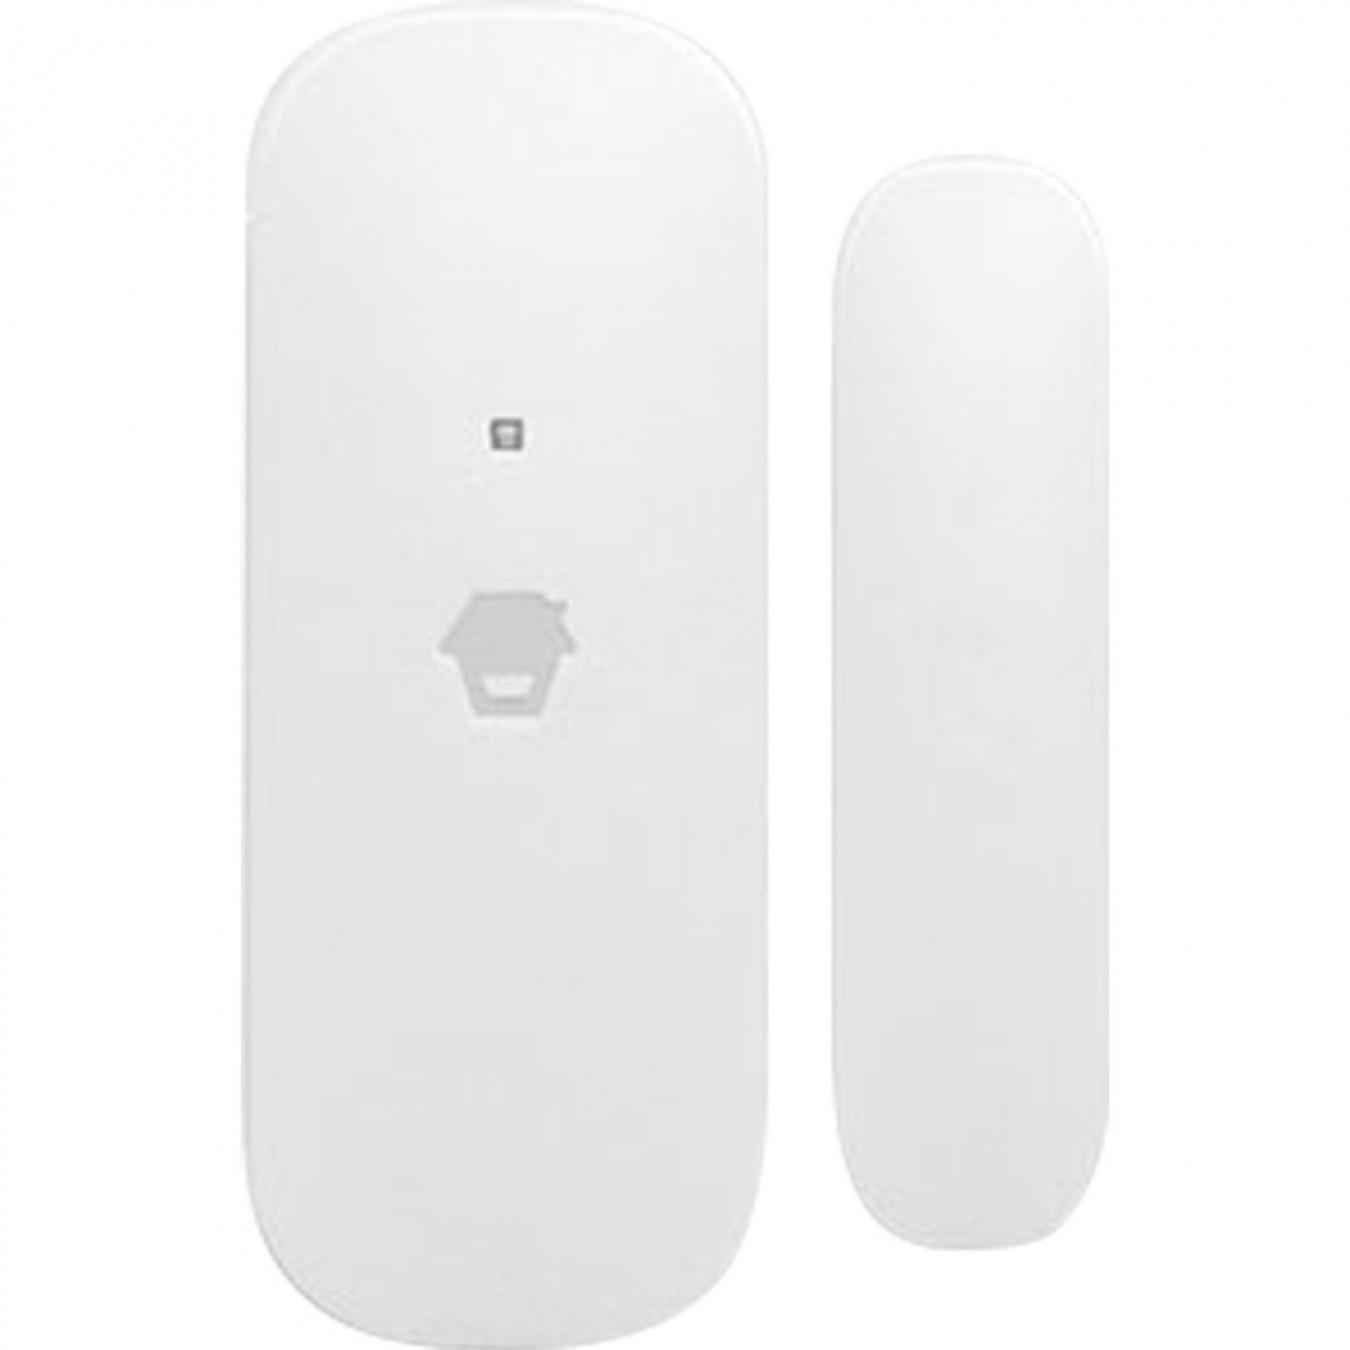 Smanos DS2300 DoorWindow Contact